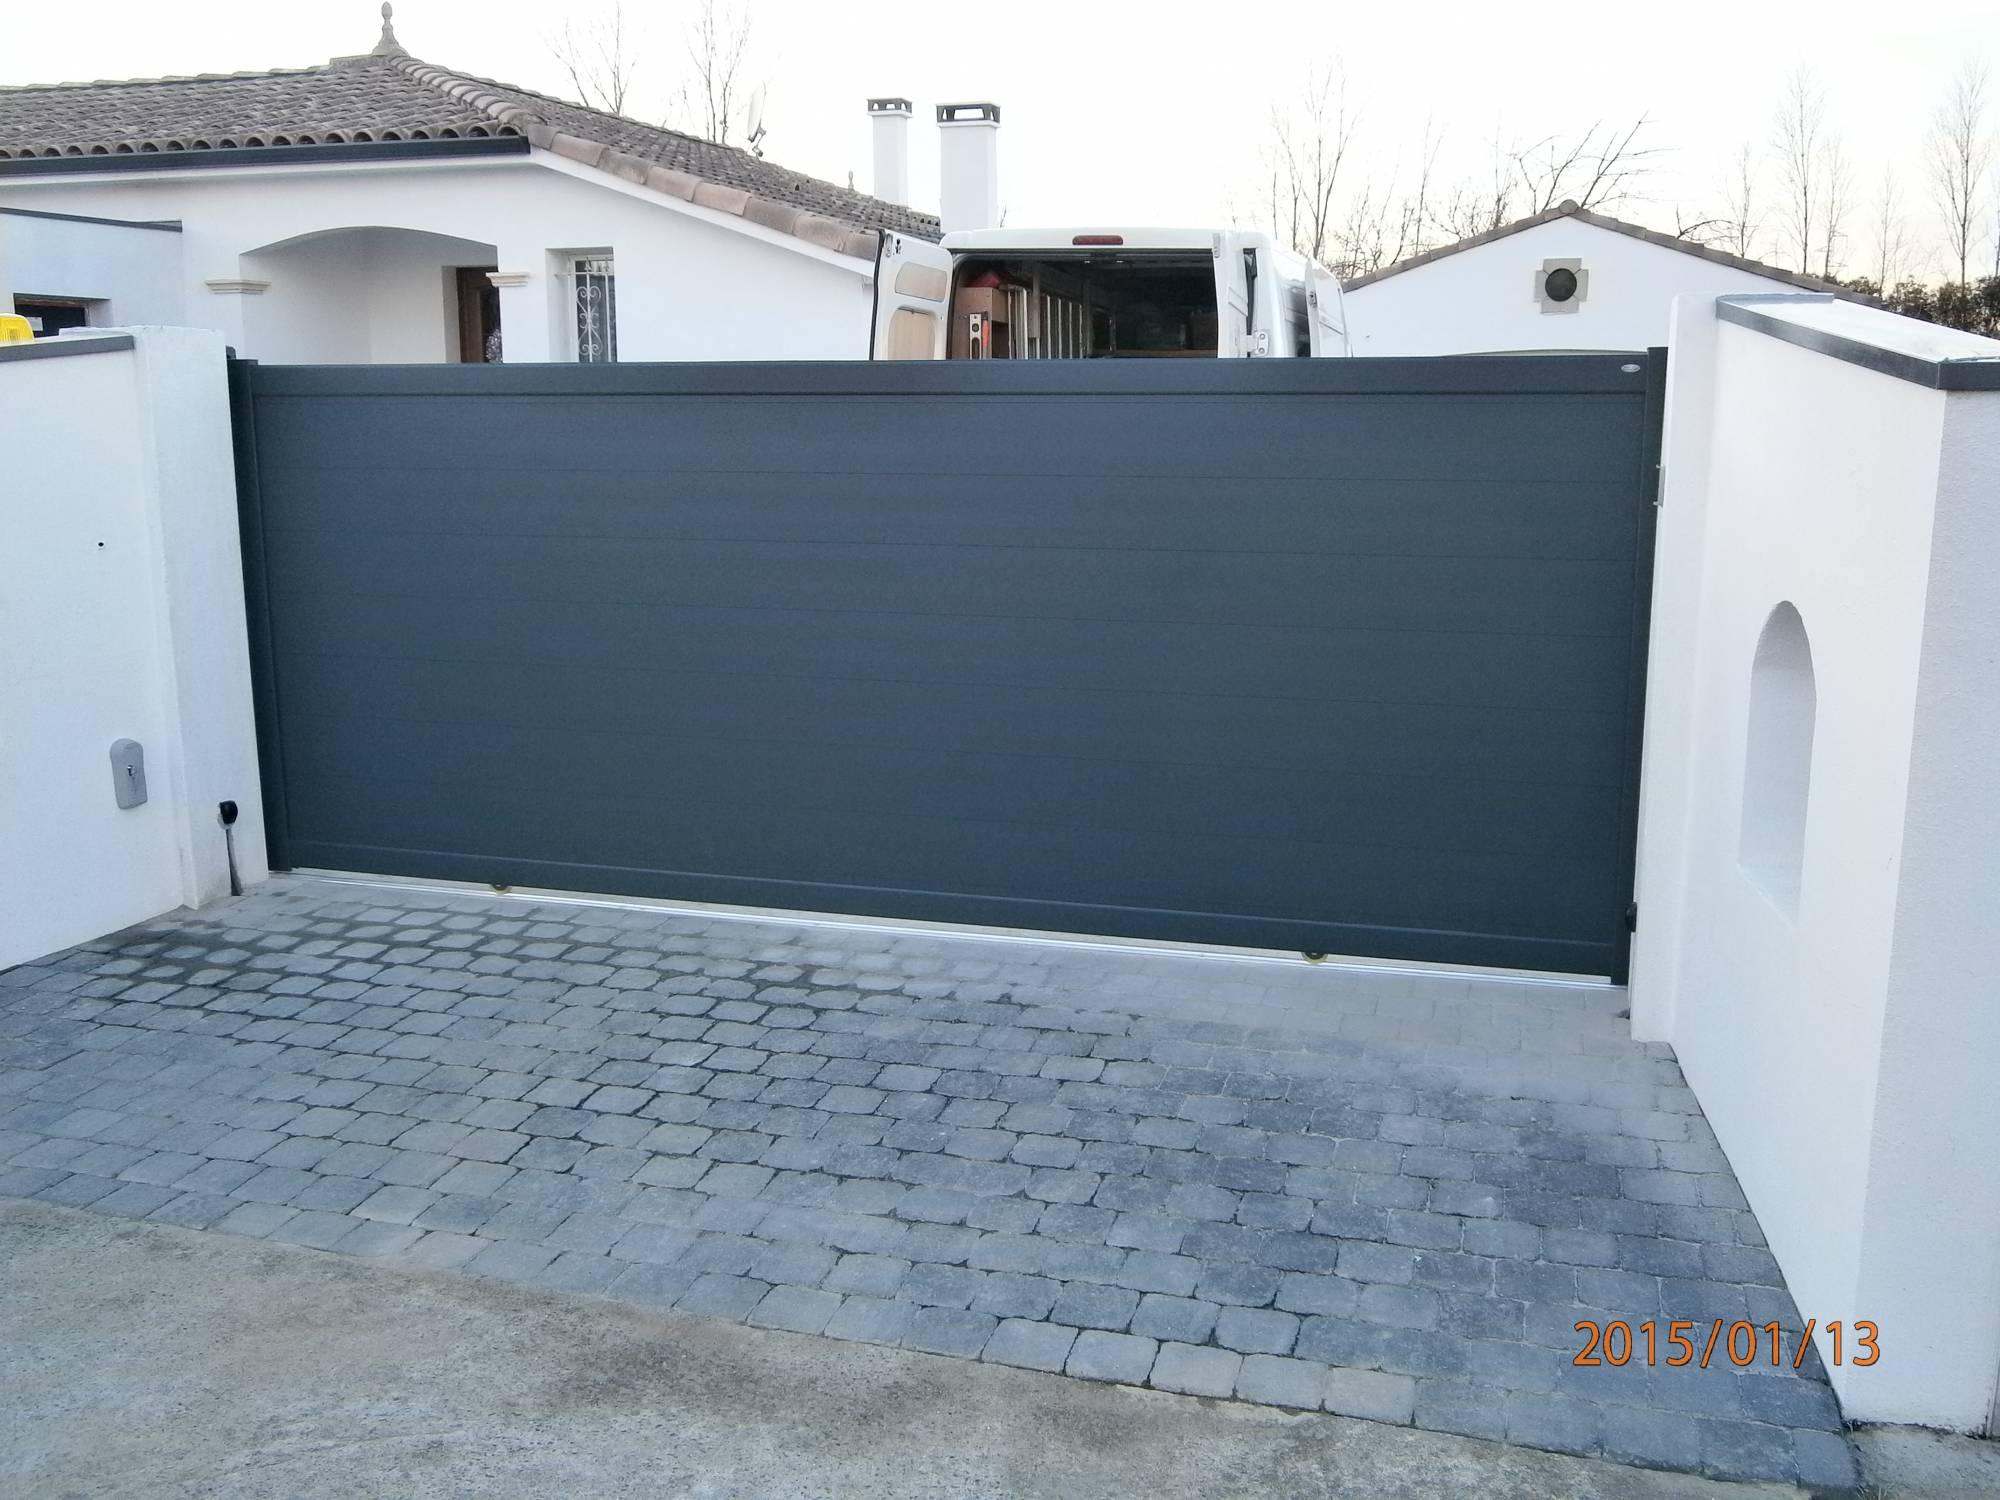 portail coulissant as2 lin a lames horizontale de 200 mm fabrication et pose de portail. Black Bedroom Furniture Sets. Home Design Ideas